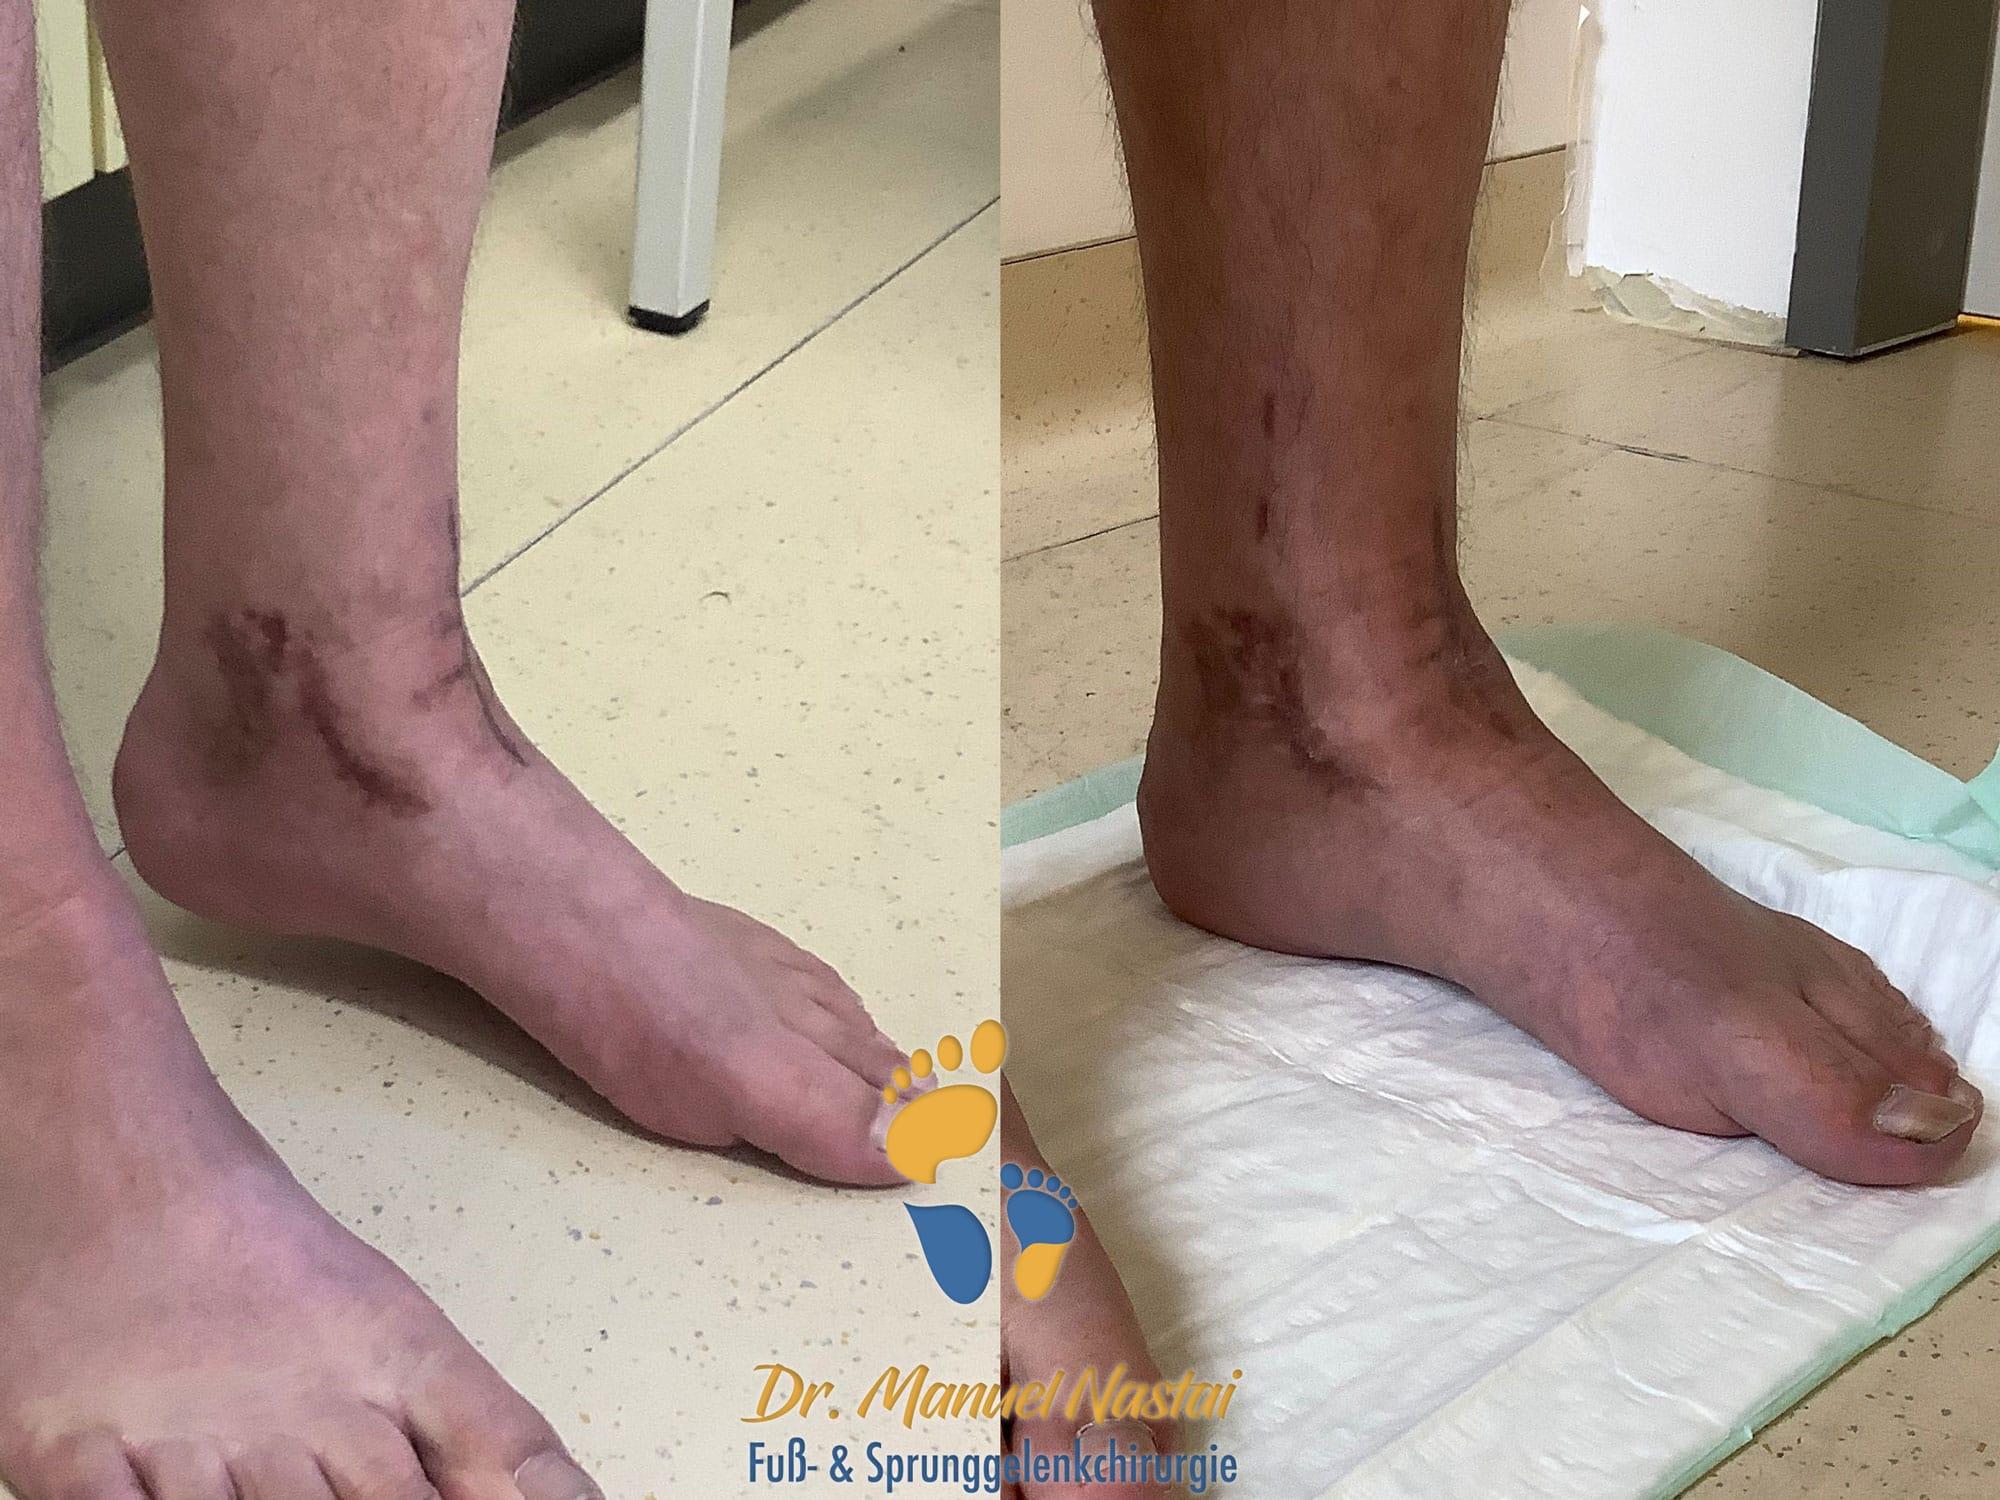 Ergebnis nach Korrekturarthrodese des Sprunggelenkes